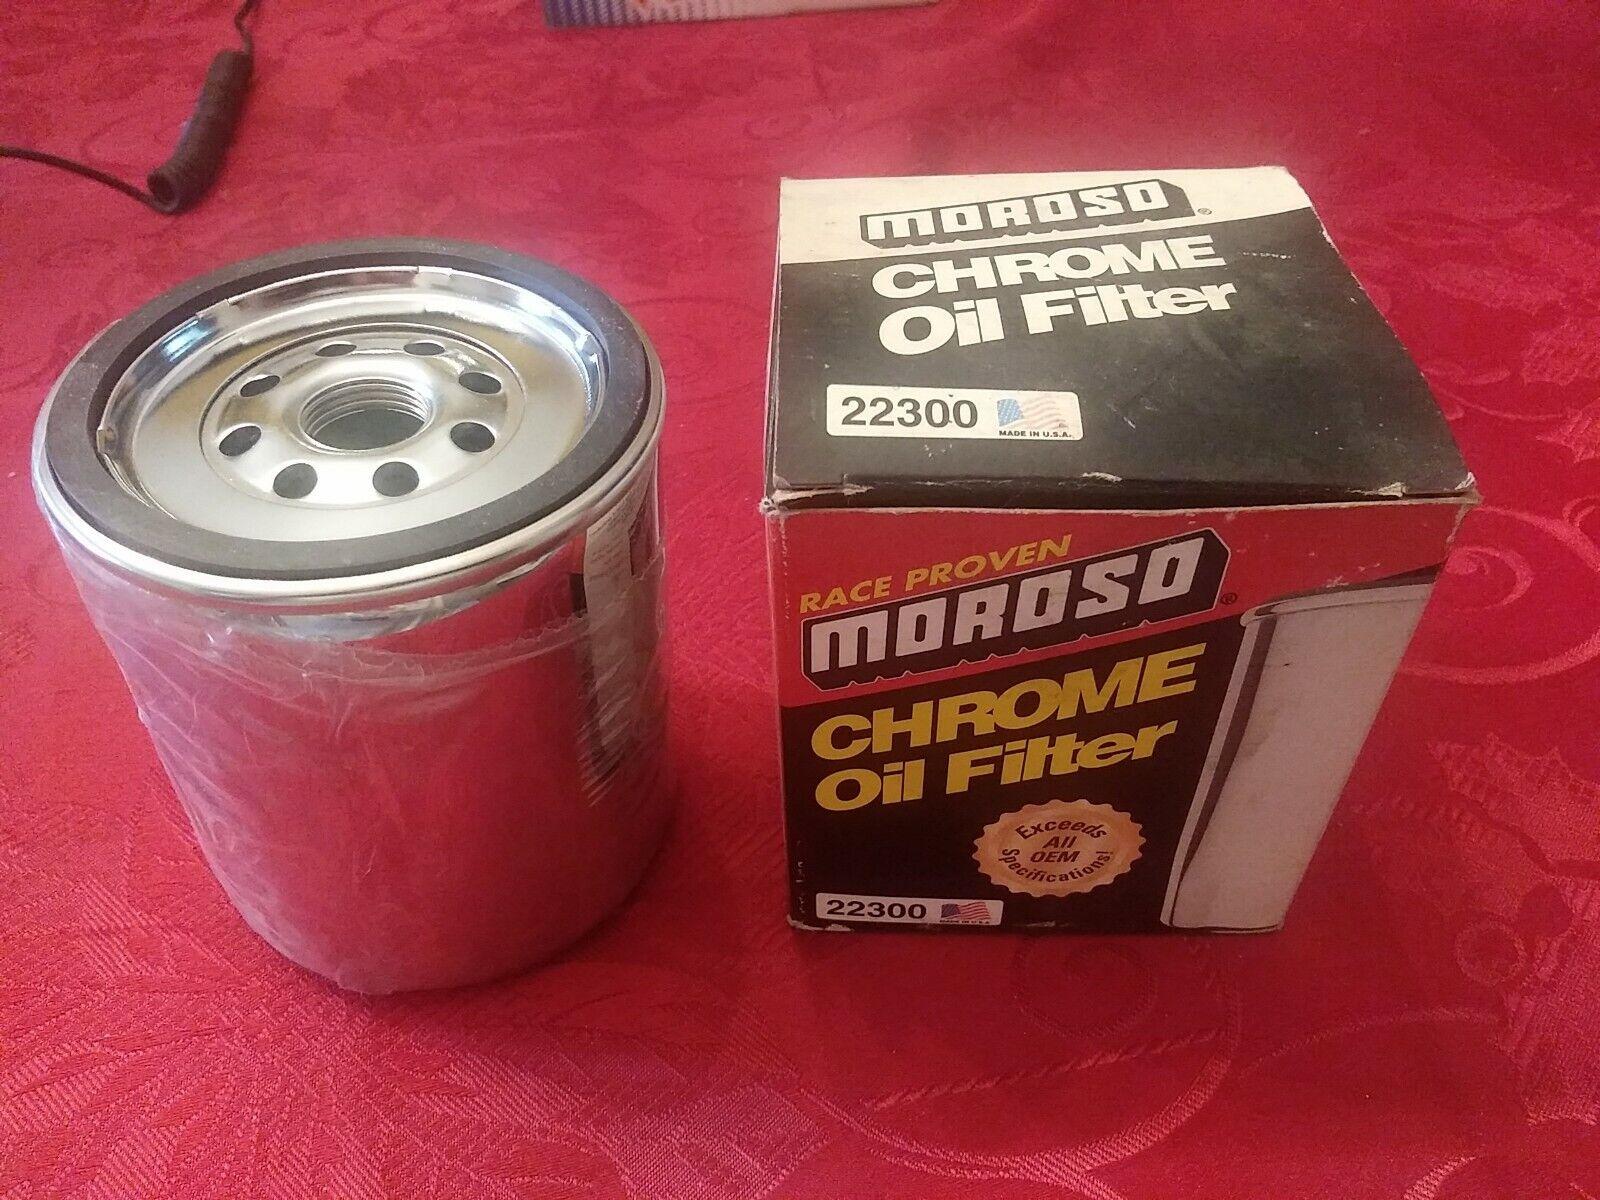 Moroso Performance OIL FILTER for Chevy CHROME 22300